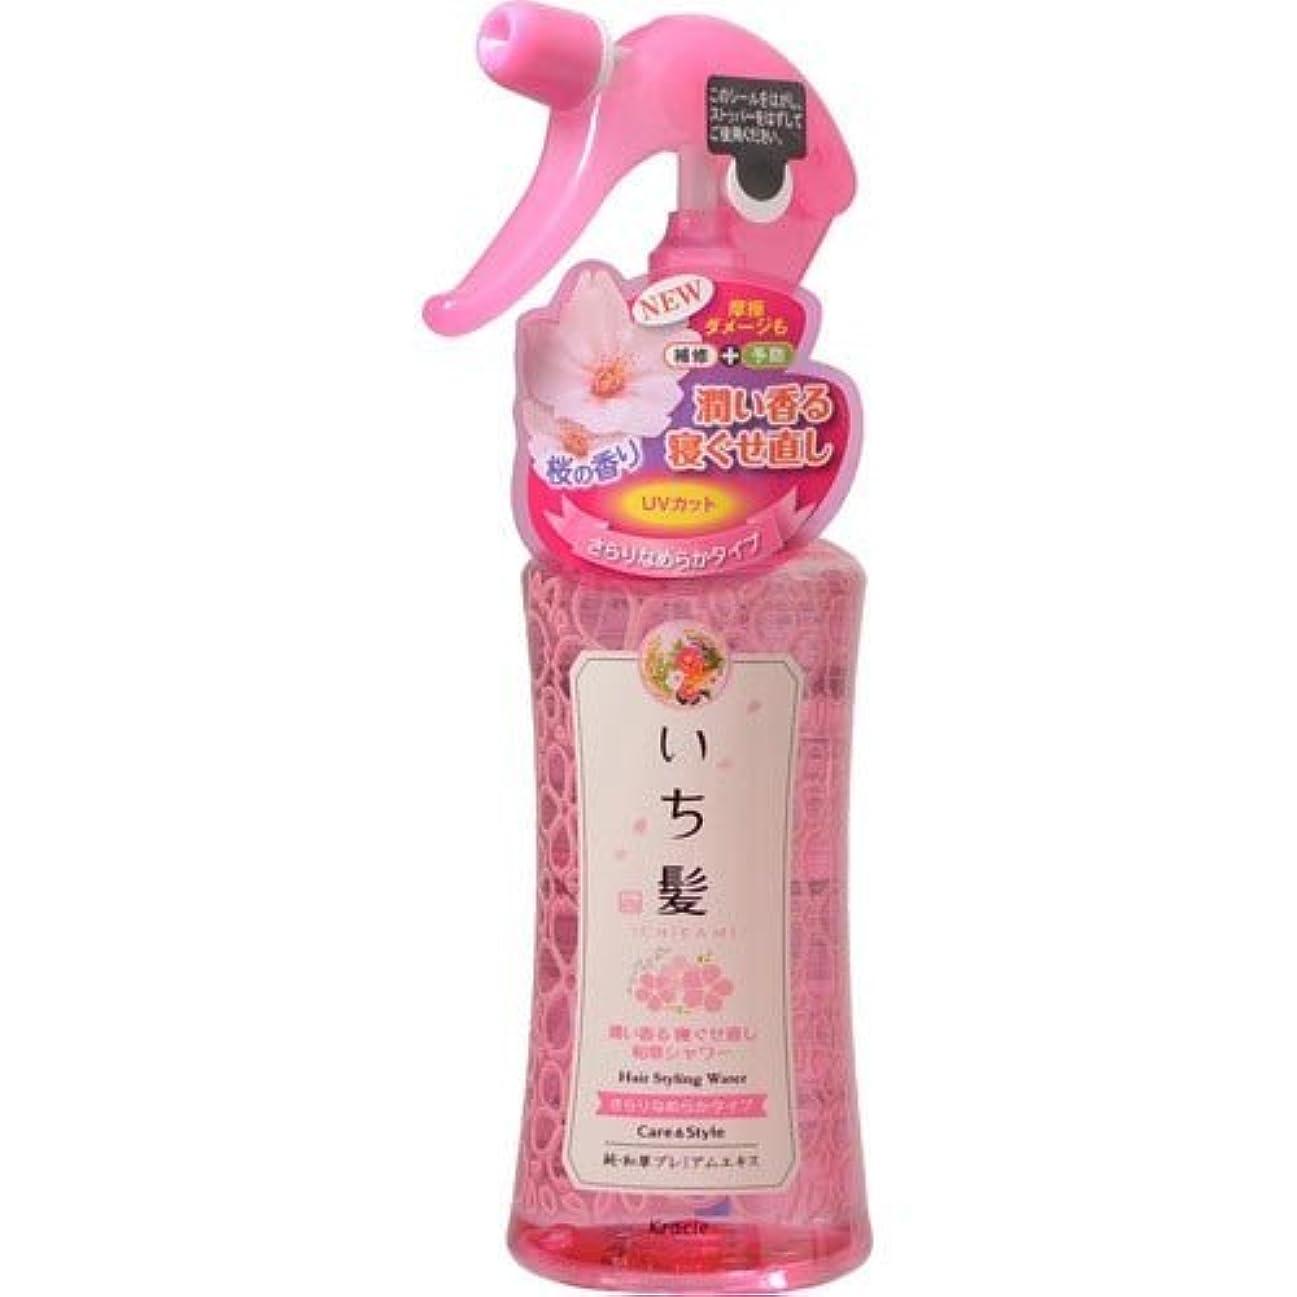 指定するリアル許可いち髪 潤い香る寝ぐせ直し和草シャワー さらりなめらかタイプ 250mL